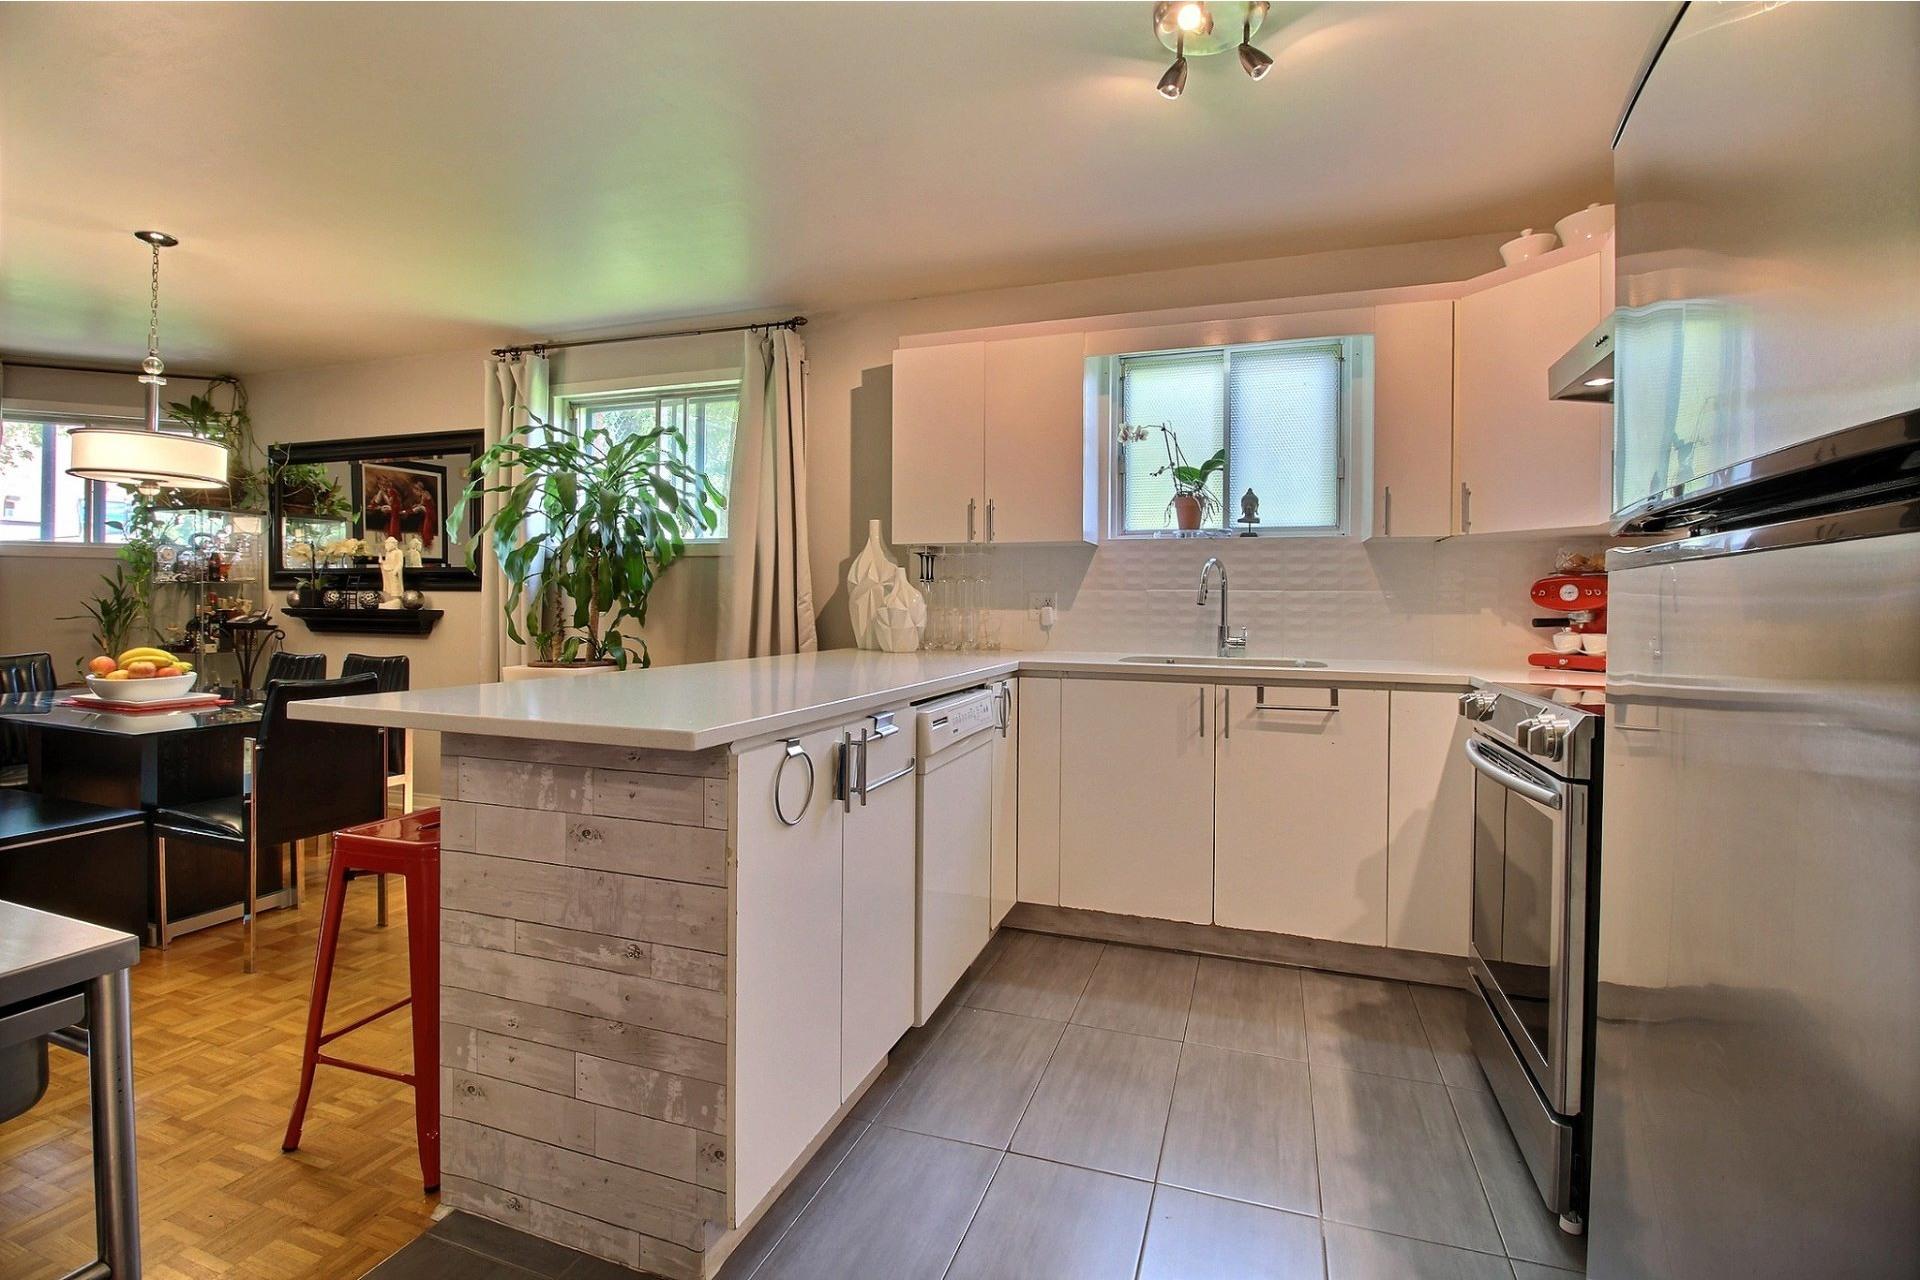 image 8 - Appartement À vendre Montréal Rivière-des-Prairies/Pointe-aux-Trembles  - 5 pièces